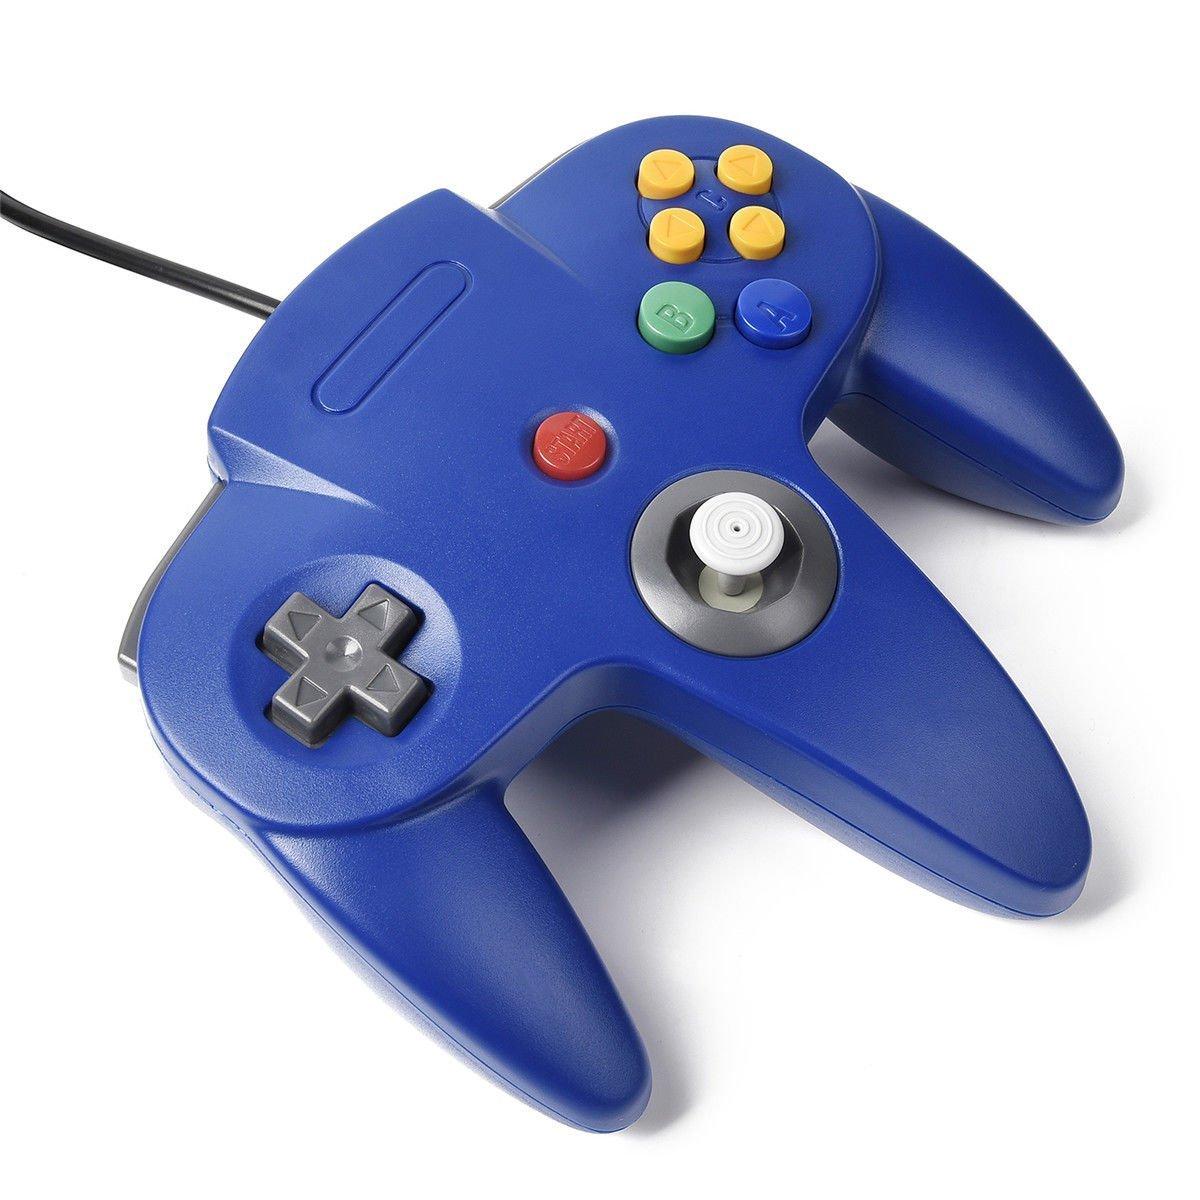 Efanr Wired USB PC controlador de juego Joystick para Nintendo 64 N64 Sistema Gamepad Joypad GameCube accesorio: Amazon.es: Electrónica